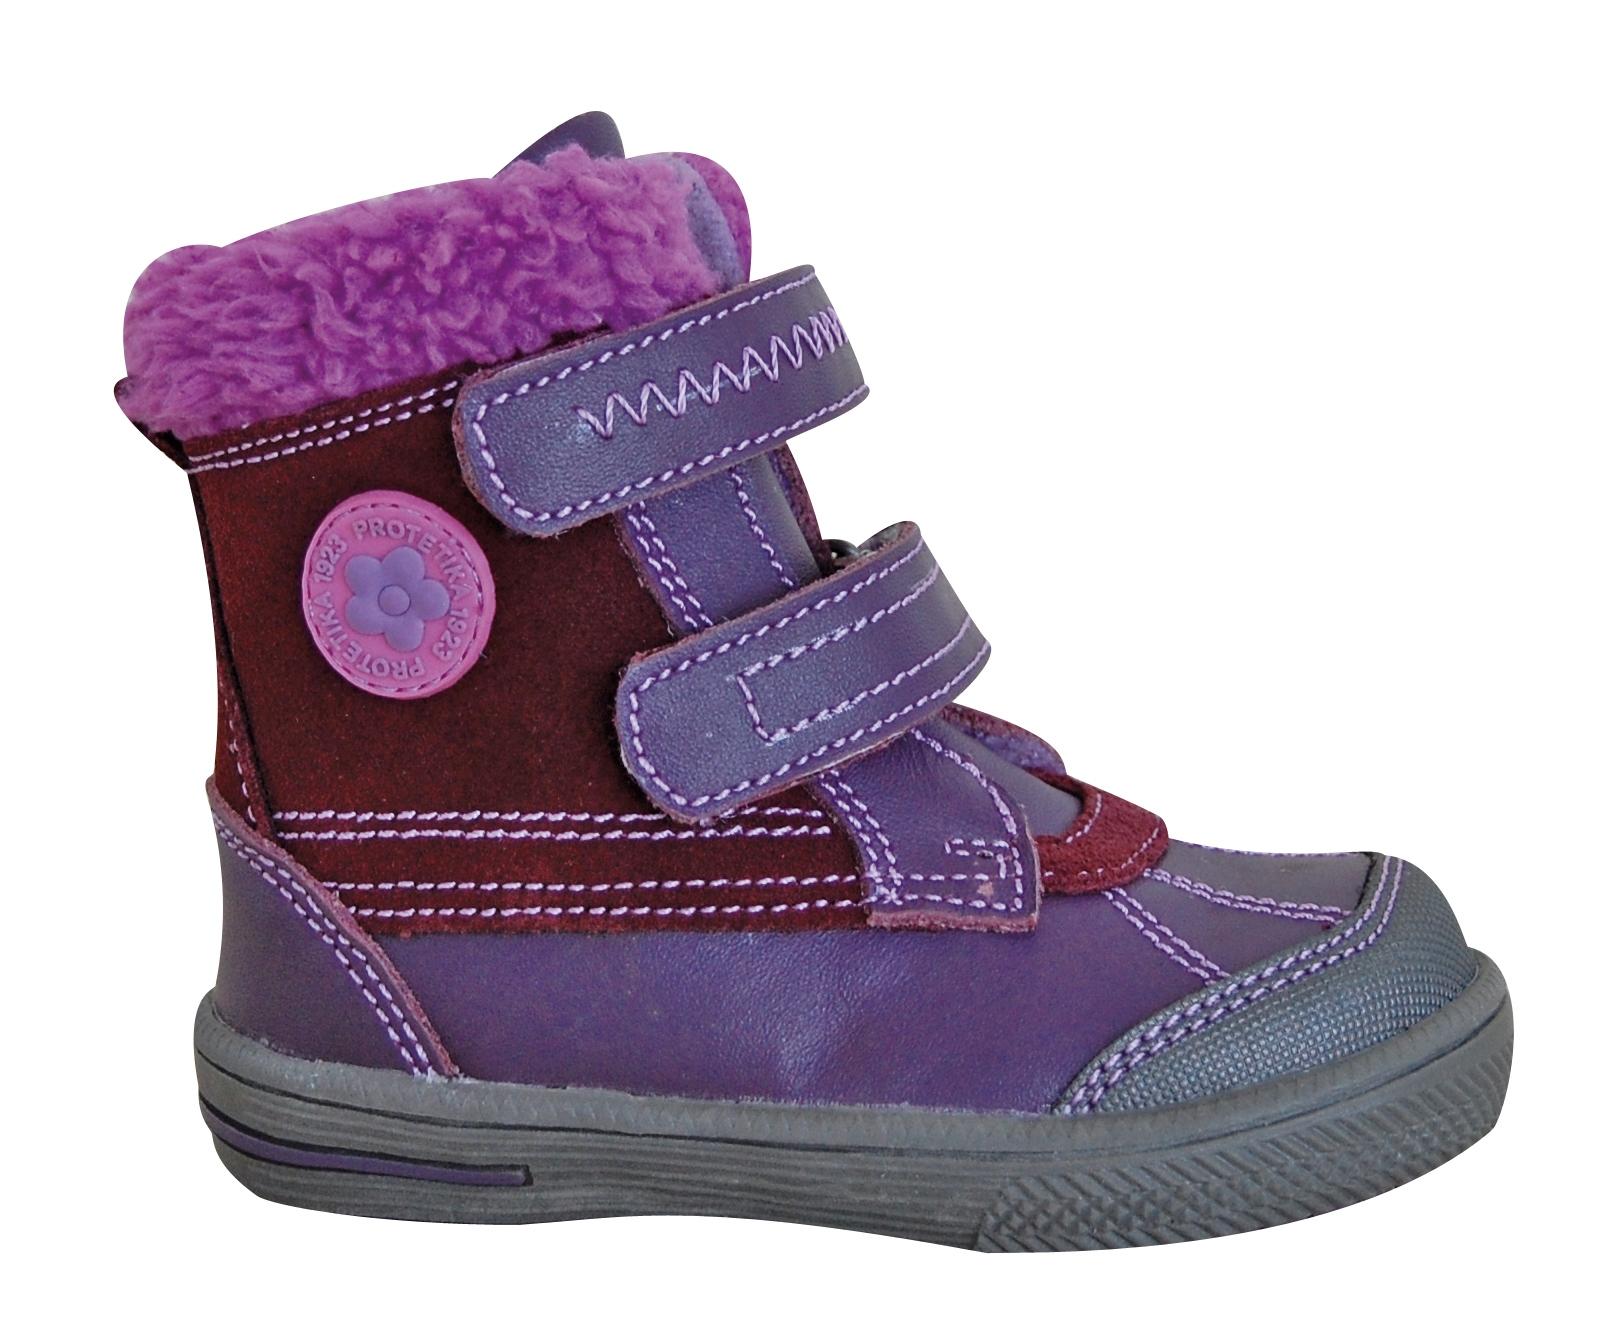 04196035cde7 Zimná obuv FRENK purple empty